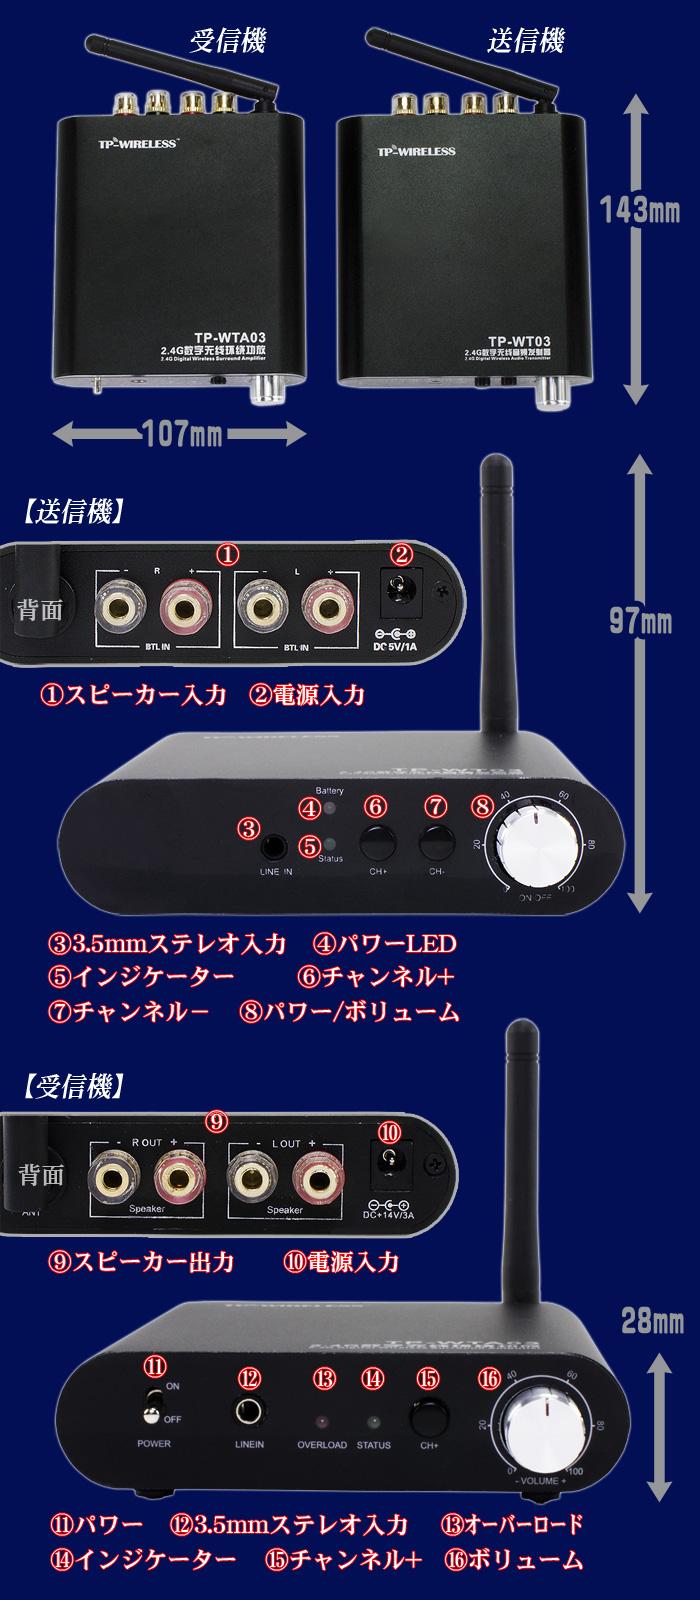 デジタルオーディオトランスミッター【TP-WTA03】各部詳細